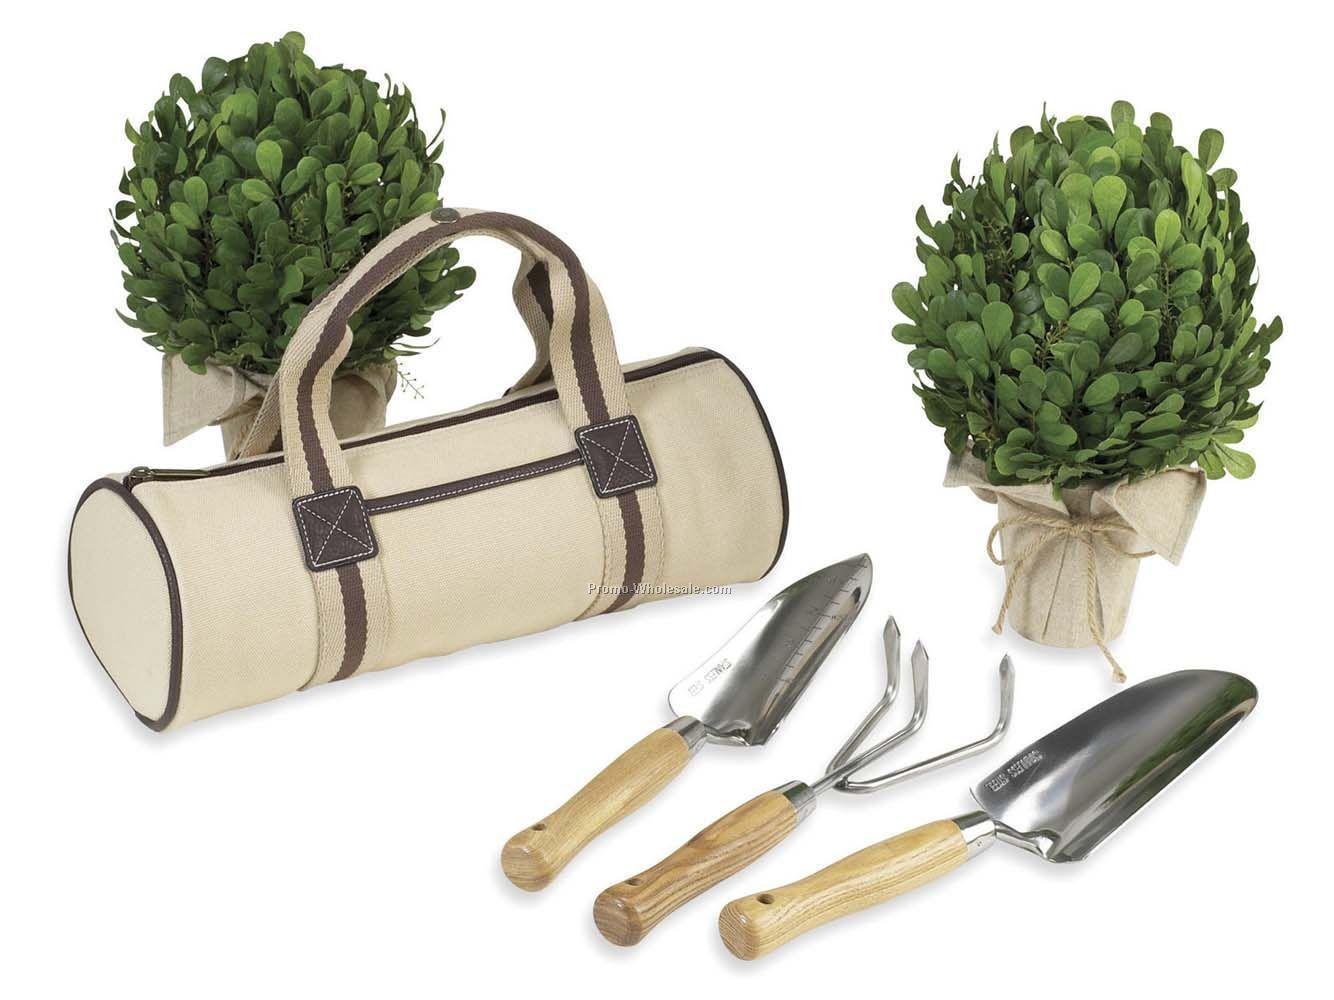 Childrenu0027s Garden Tool Set U003eu003eu003e You Can Find Out More Details At The Link